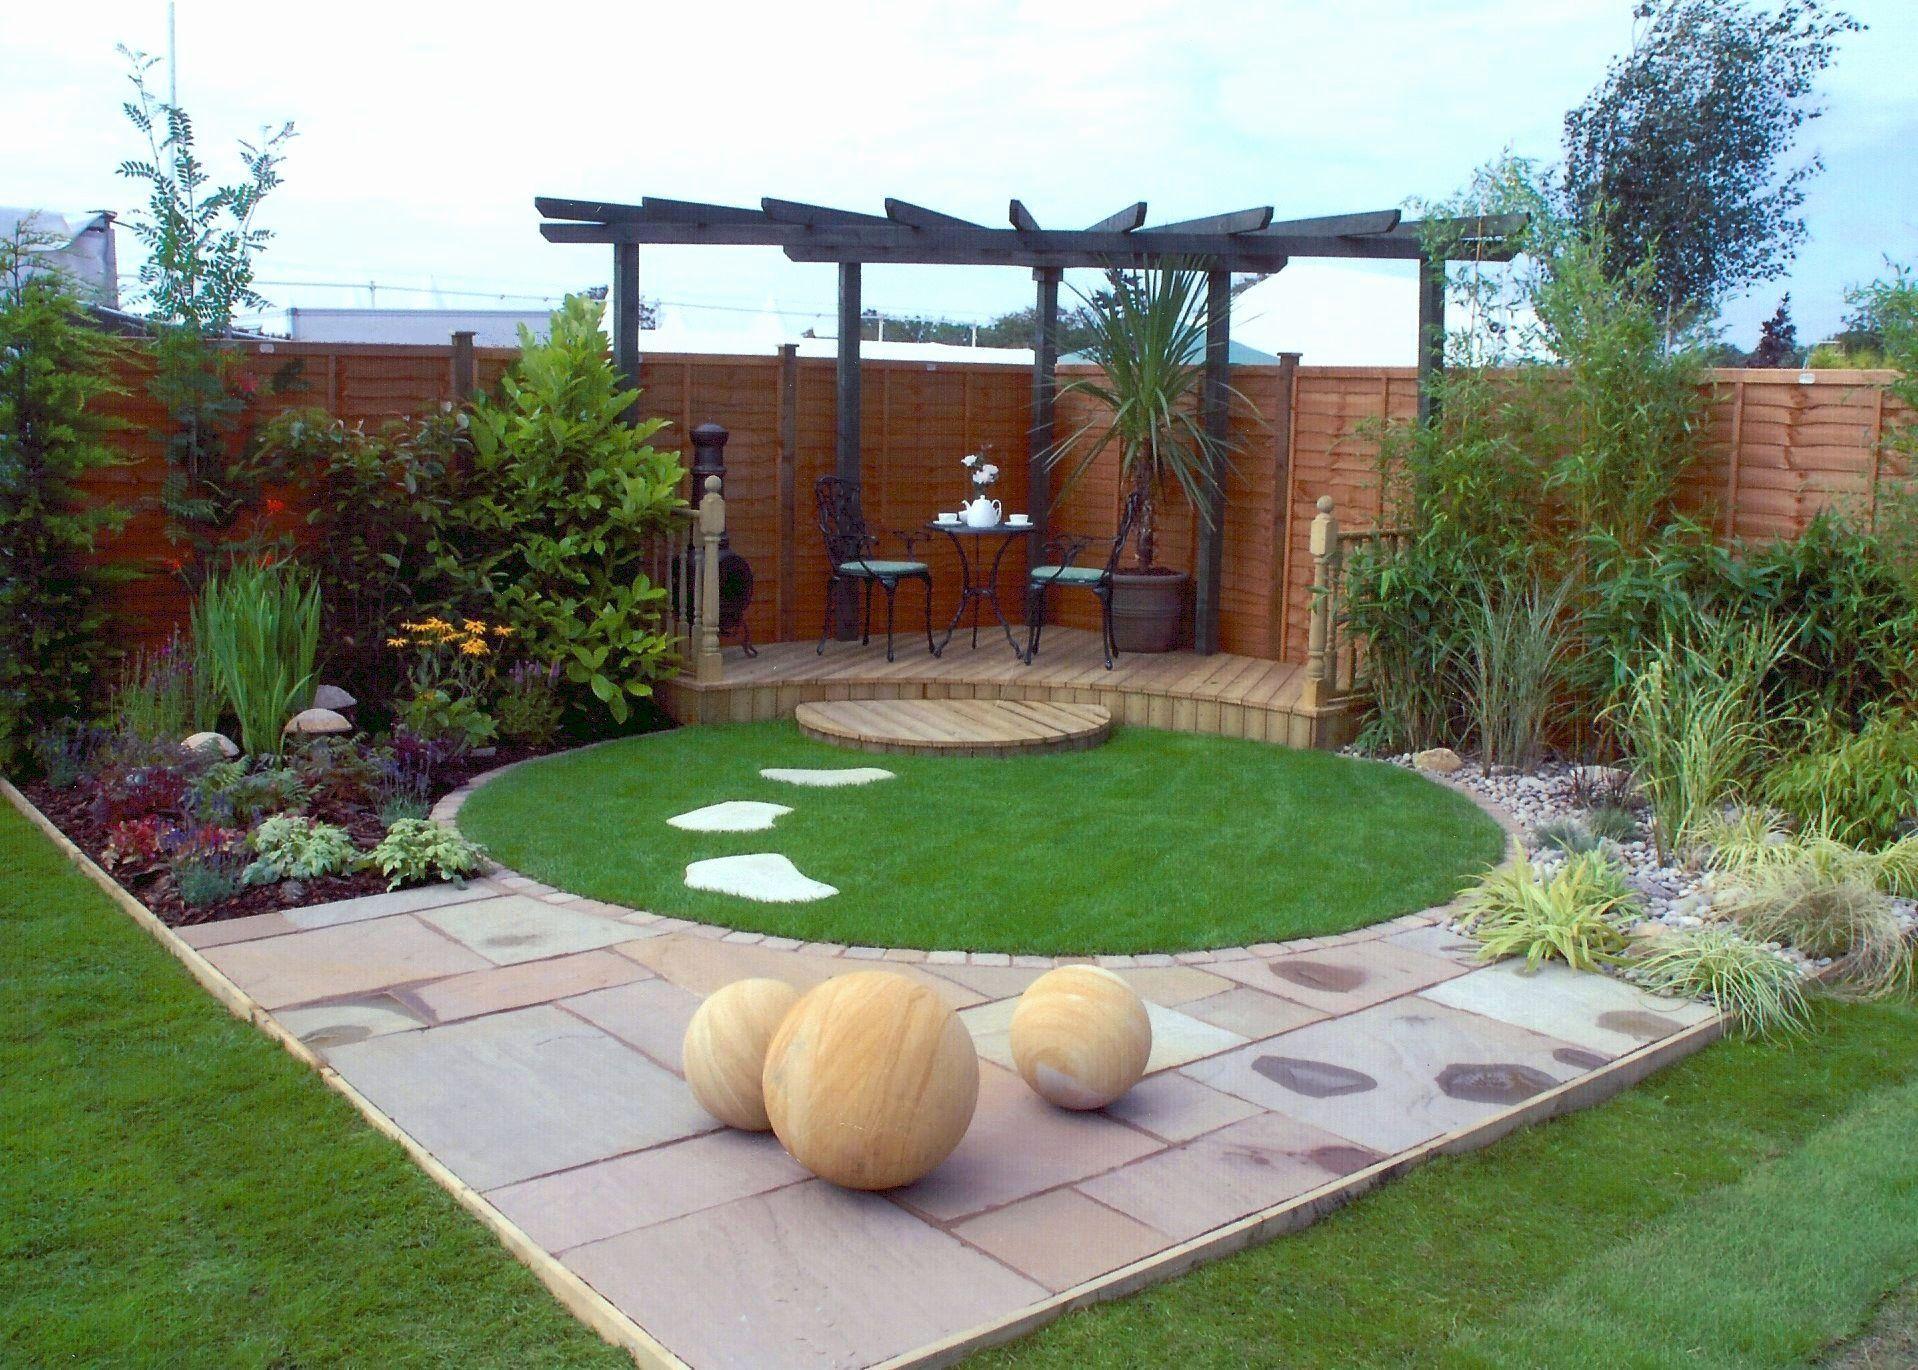 Image Result For Circular Lawn Garden Designs Small Garden Landscape Courtyard Gardens Design Contemporary Garden Design